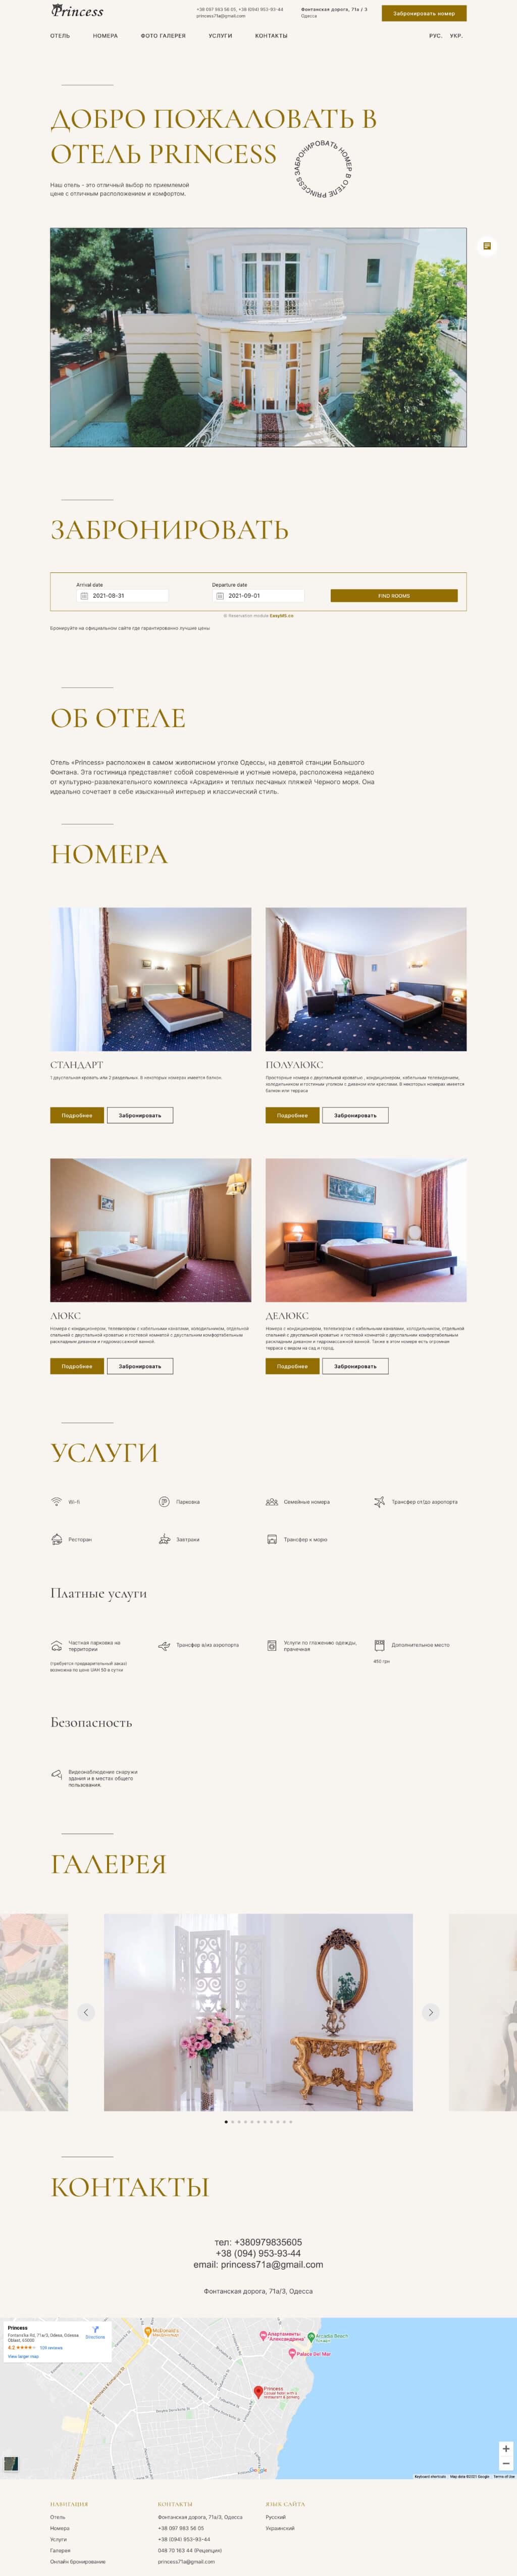 Princess Hotel Odessa